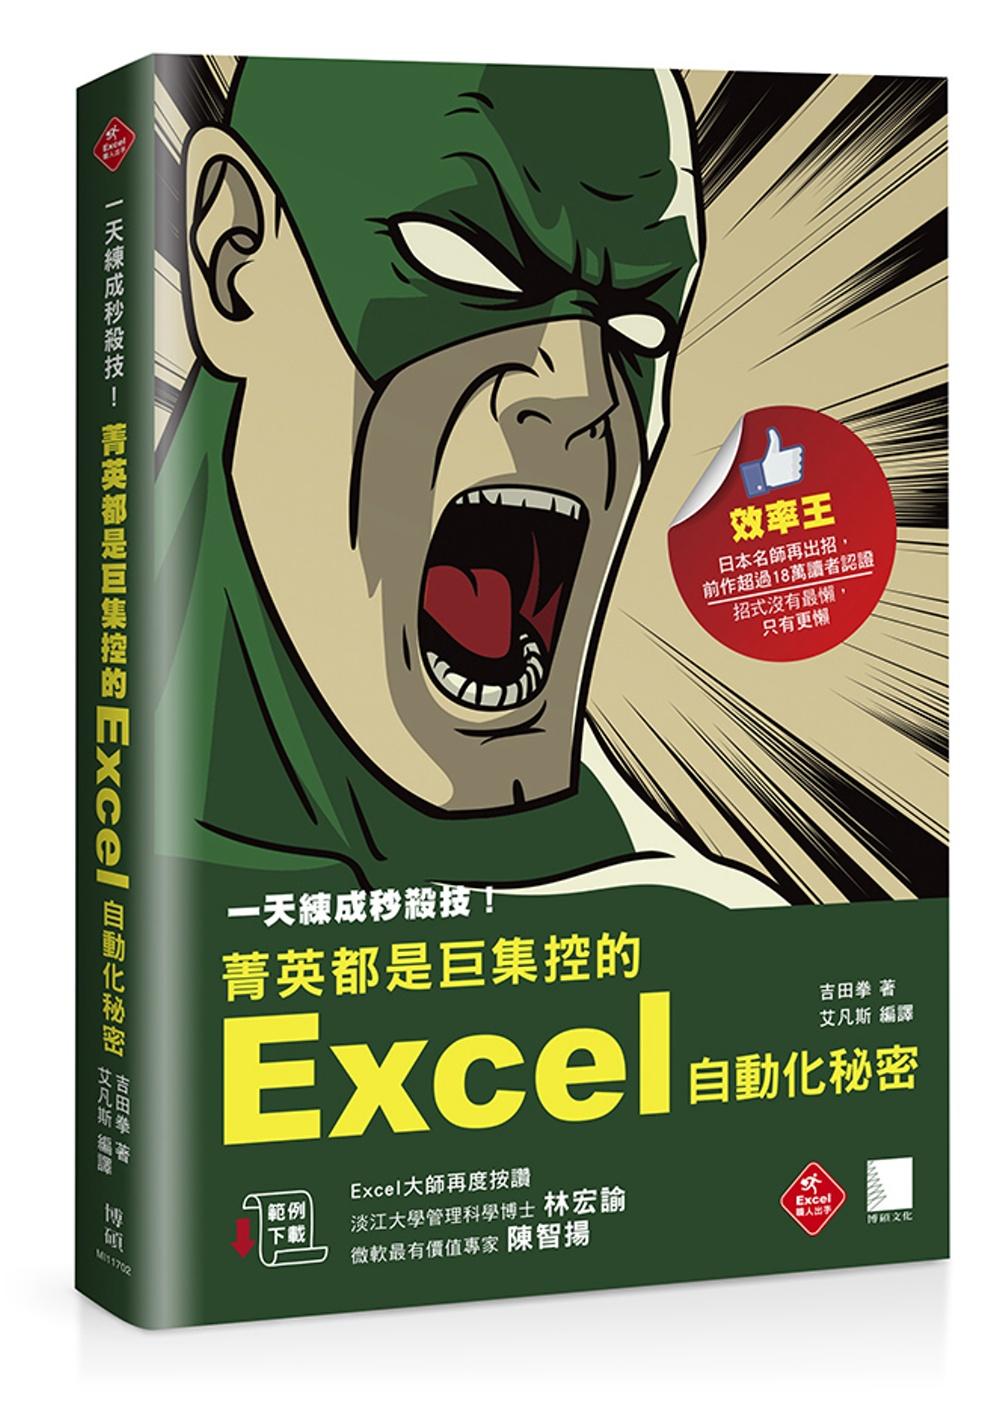 ◤博客來BOOKS◢ 暢銷書榜《推薦》一天練成秒殺技!菁英都是巨集控的Excel自動化秘密(超過18萬讀者認證Excel業師再度告白)